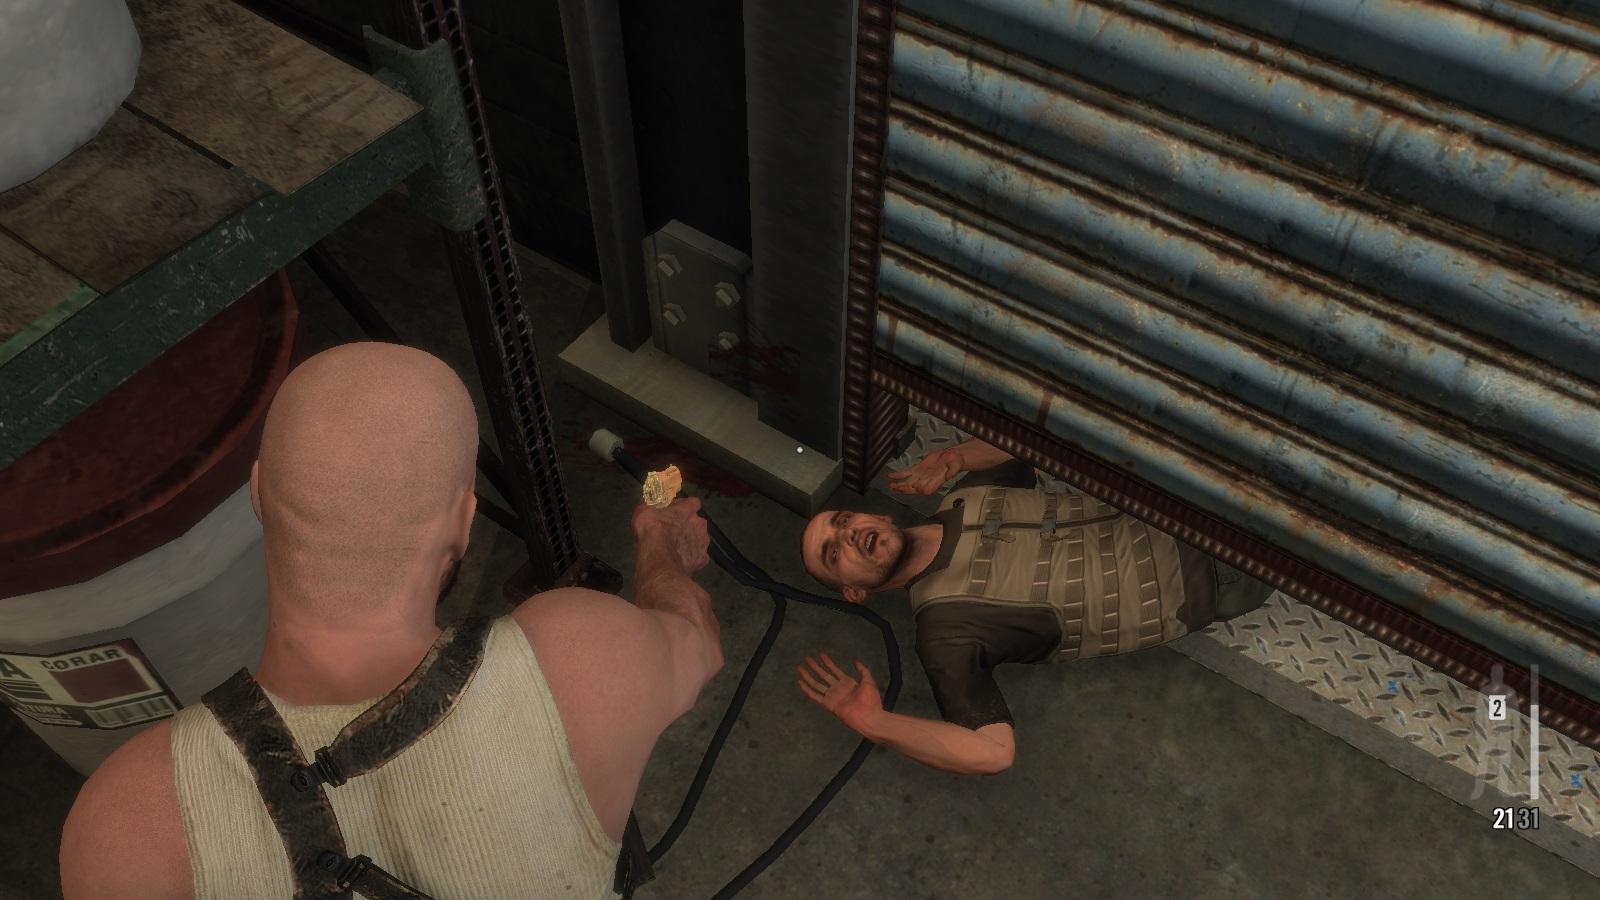 Я же сказал ему, только подержать для меня - Max Payne 3